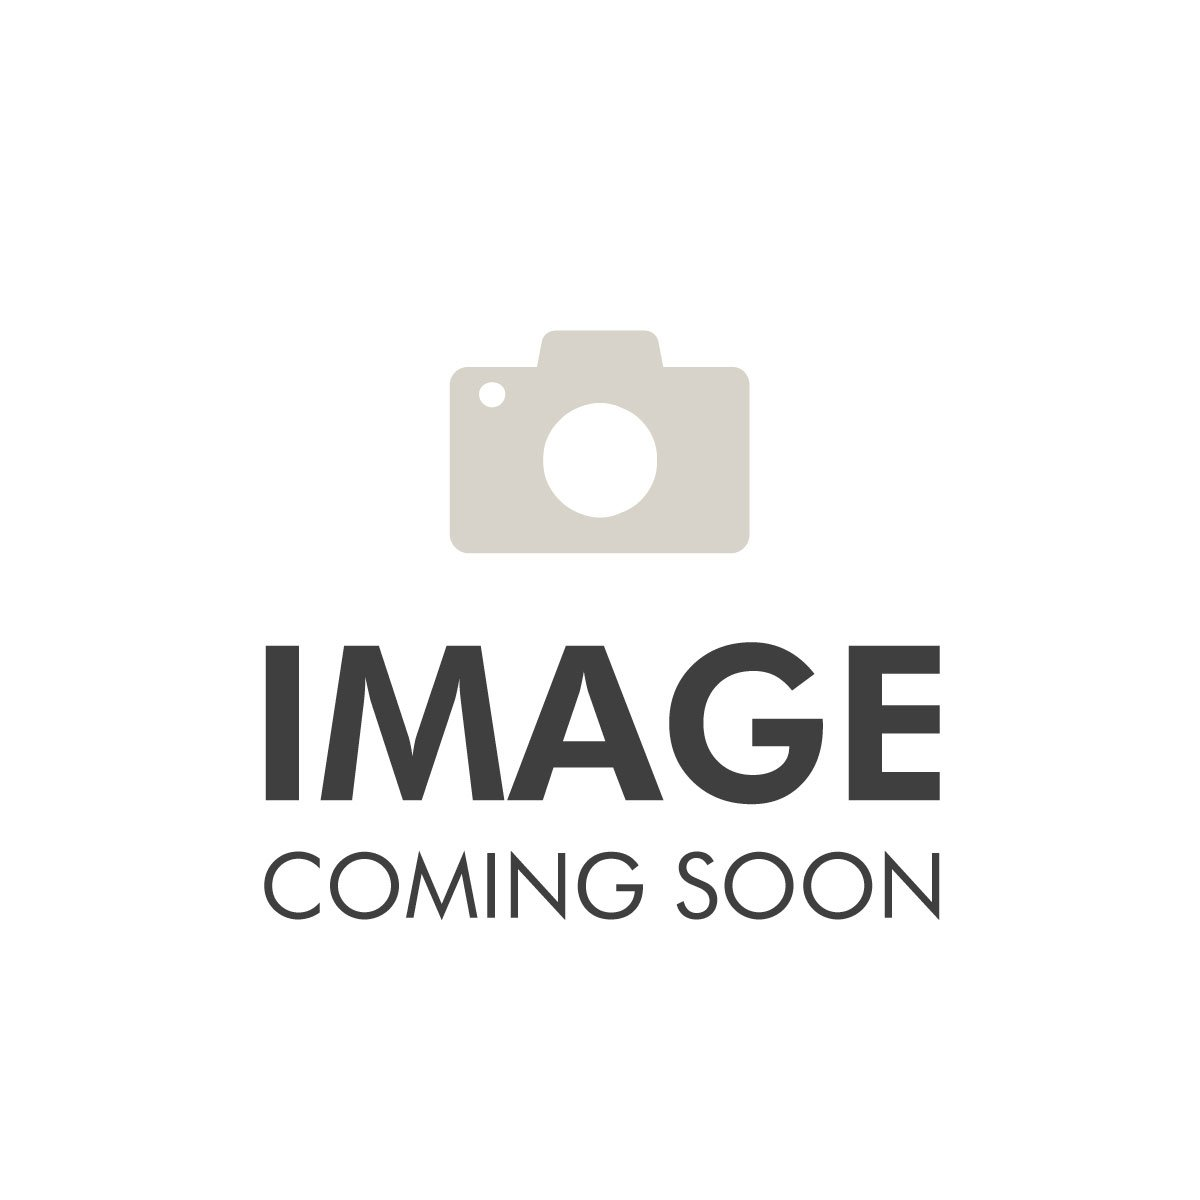 Favero - WF1 - Appareil sans-fil épée/fleuret